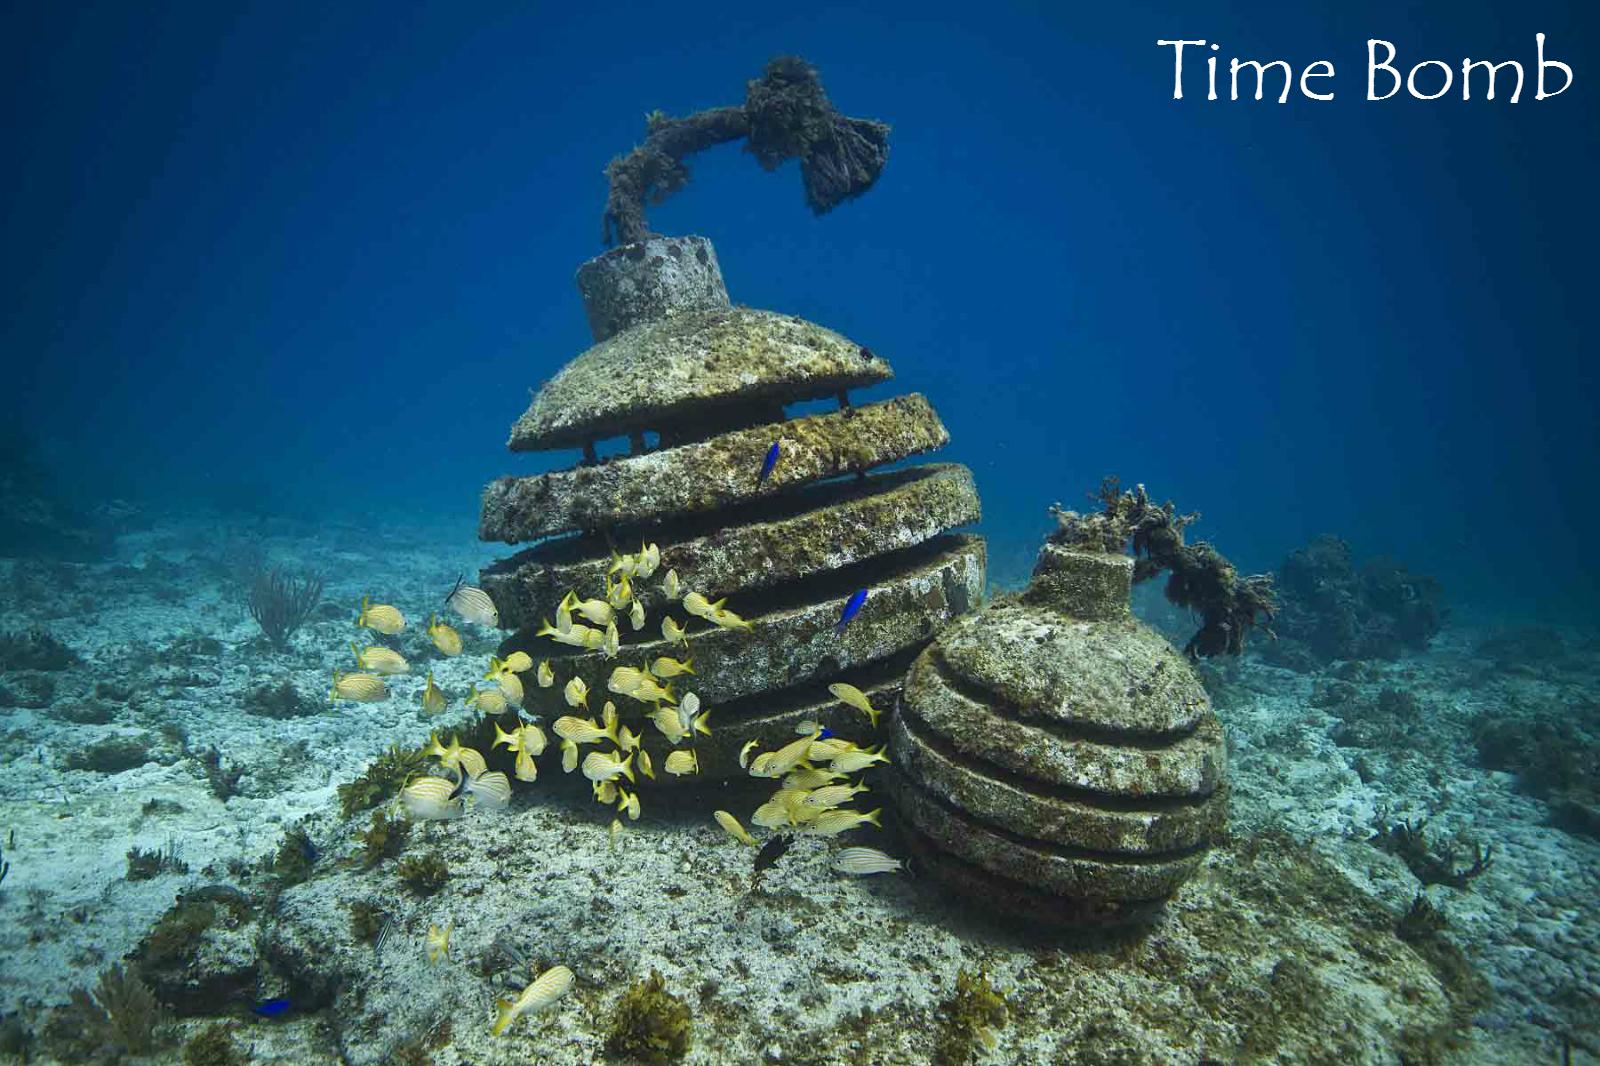 坎昆 欣赏神秘海底居民 3小时海底雕塑博物馆潜水(零基础可以浮潜/持